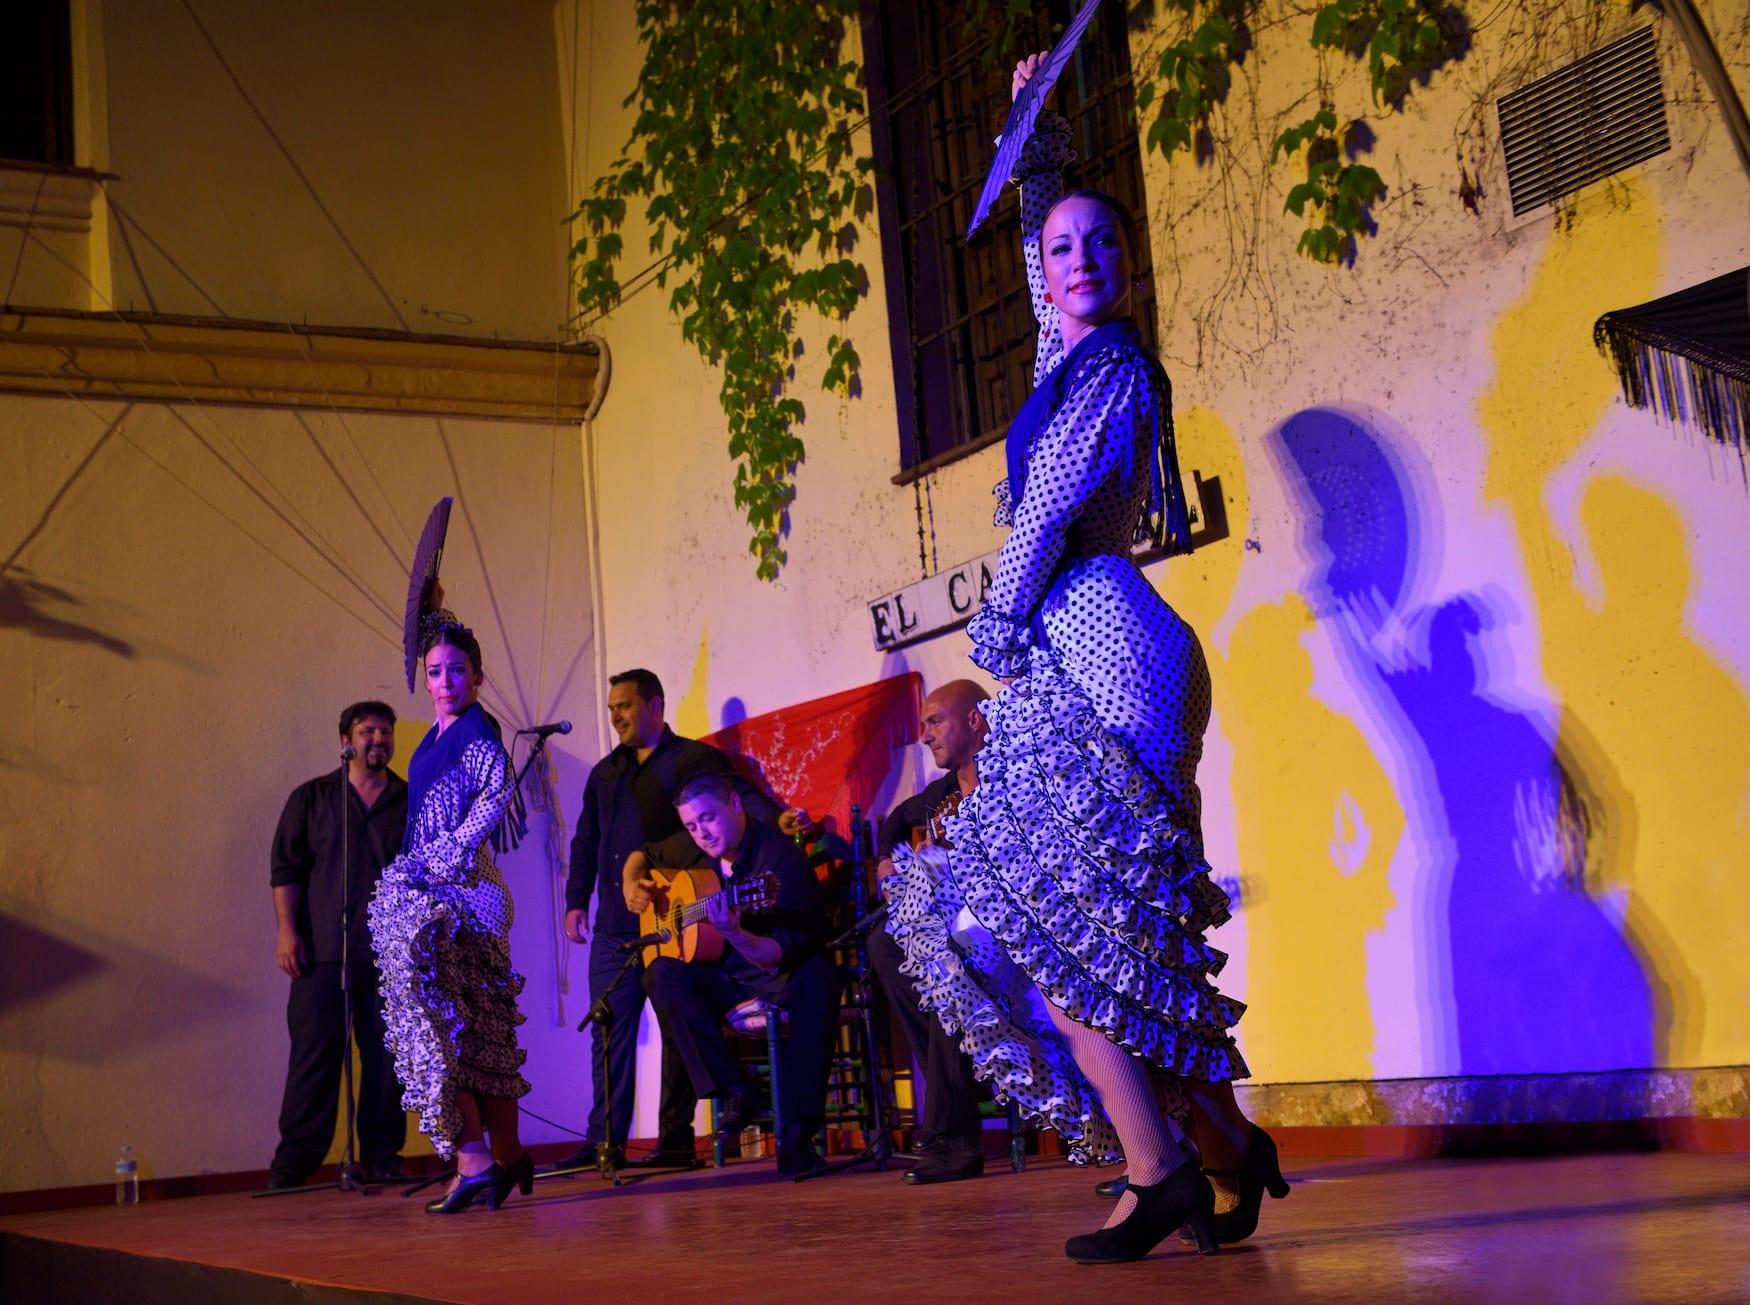 Flamenco-Show ist eine der Sehenswürdigkeiten in Córdoba, die man nicht verpassen sollte